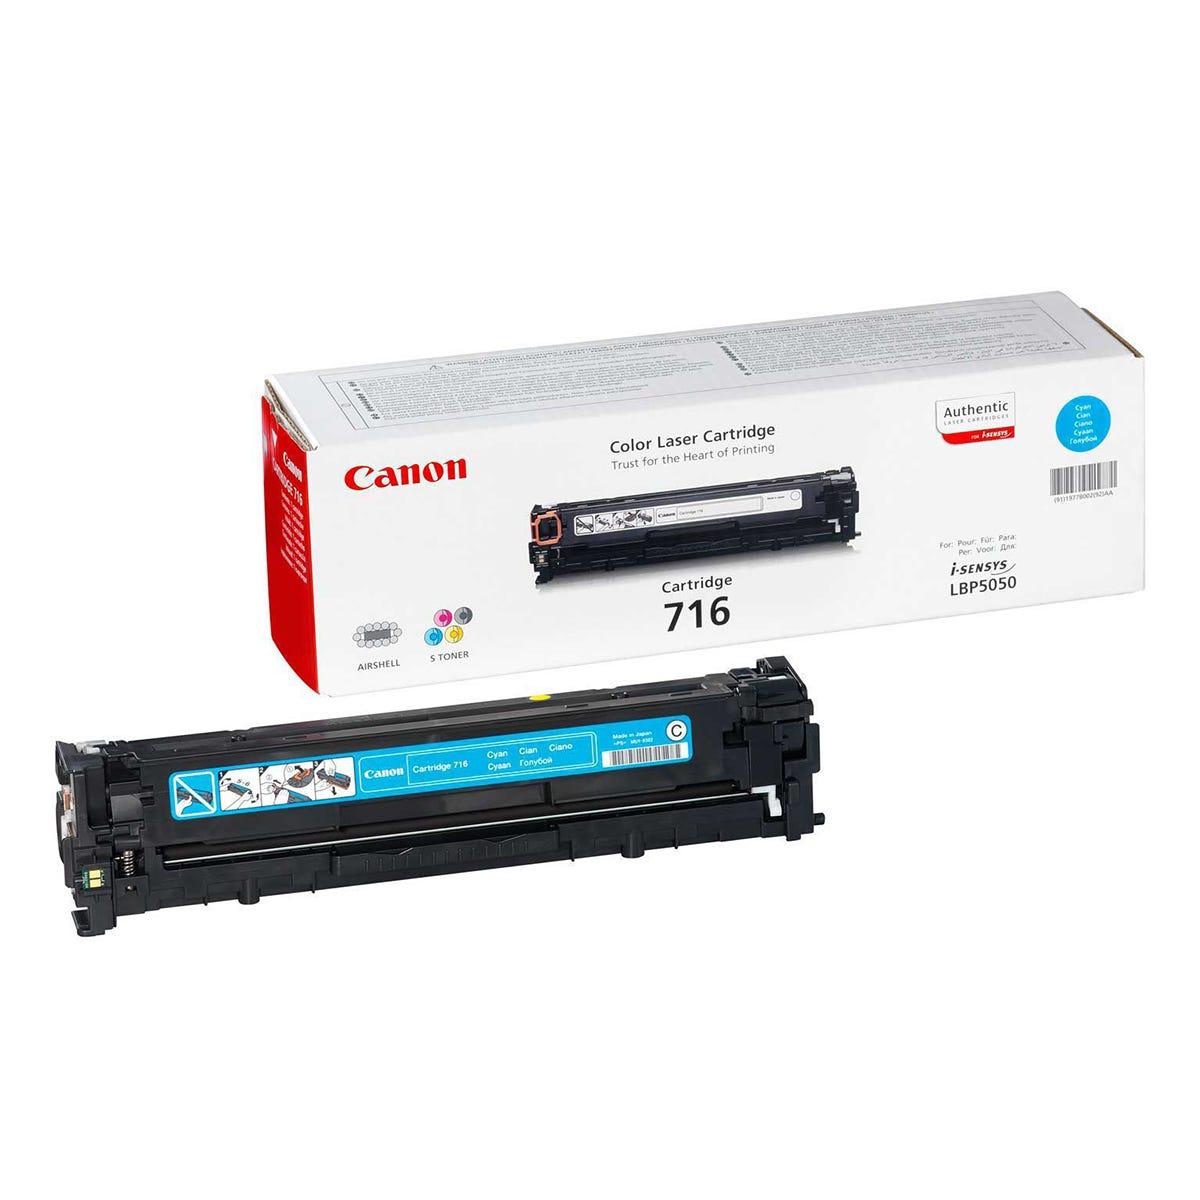 Canon 716 Printer Ink Toner Cartridge 1979B002AA, Cyan